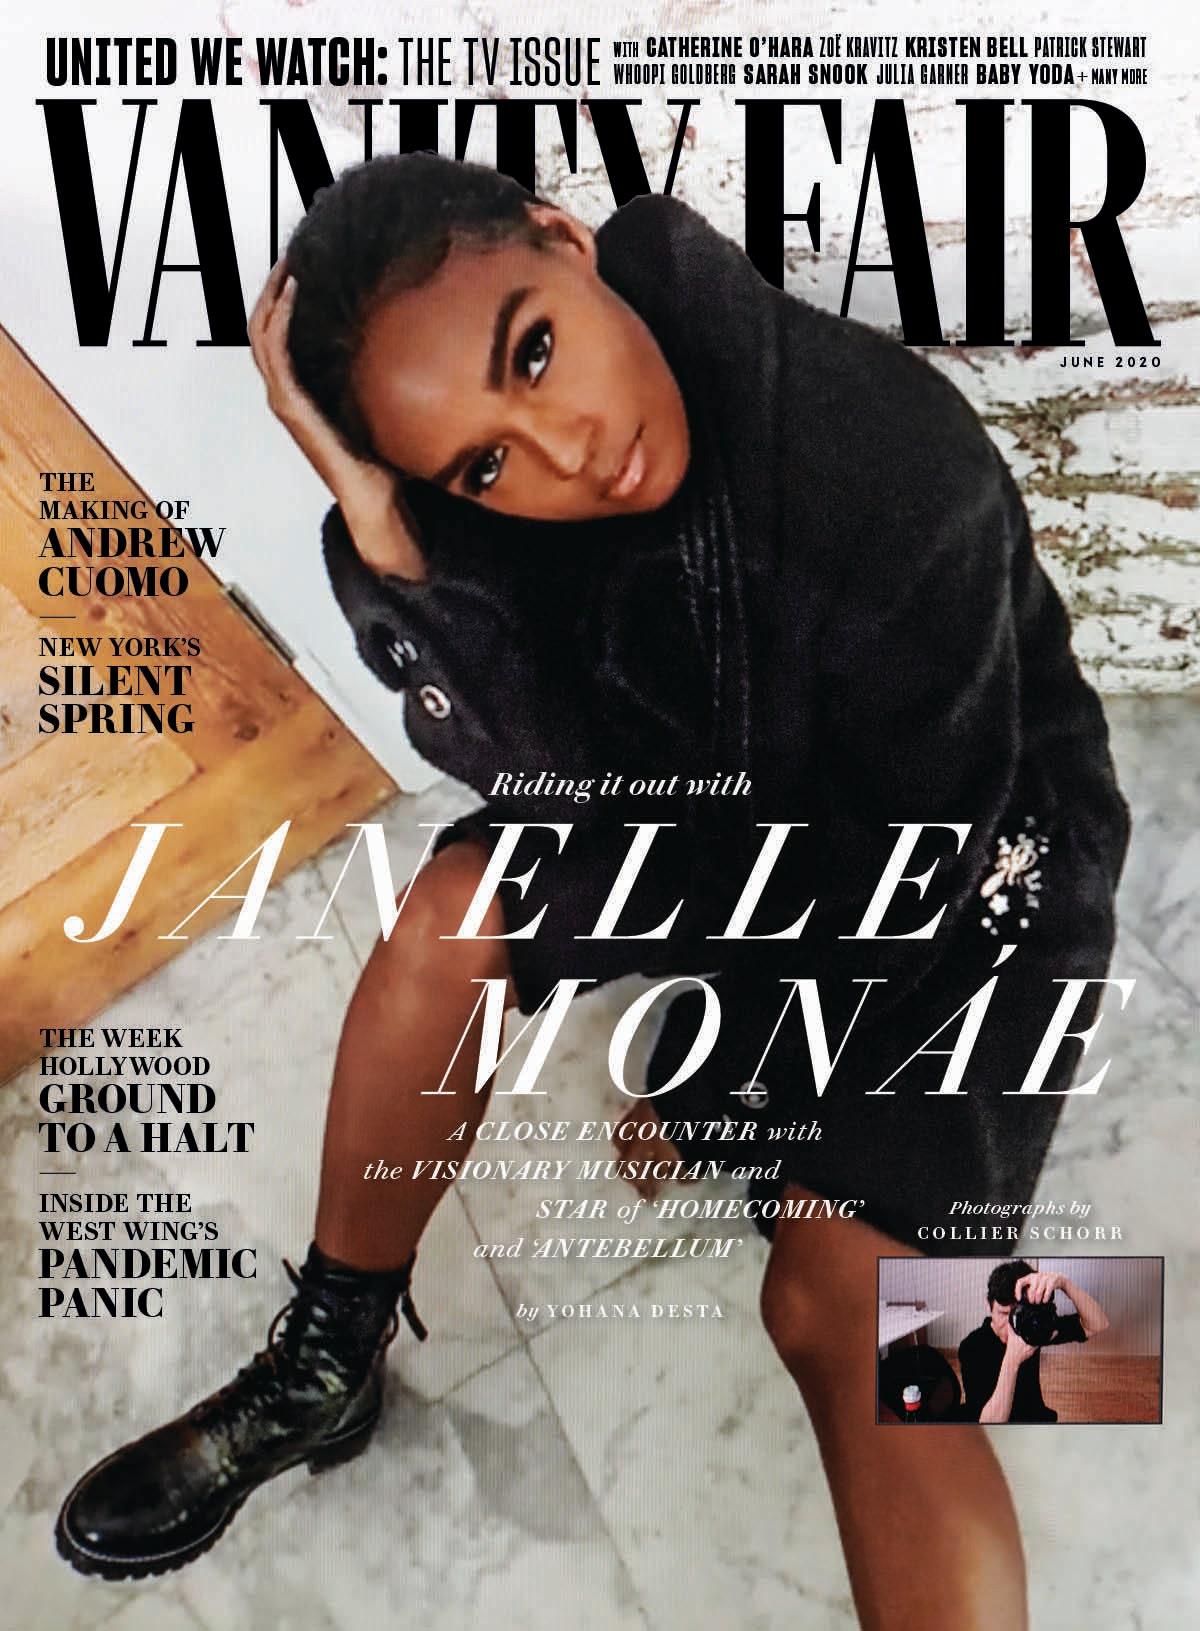 Vanity Fair: Janelle Monáe: Artist in Residence